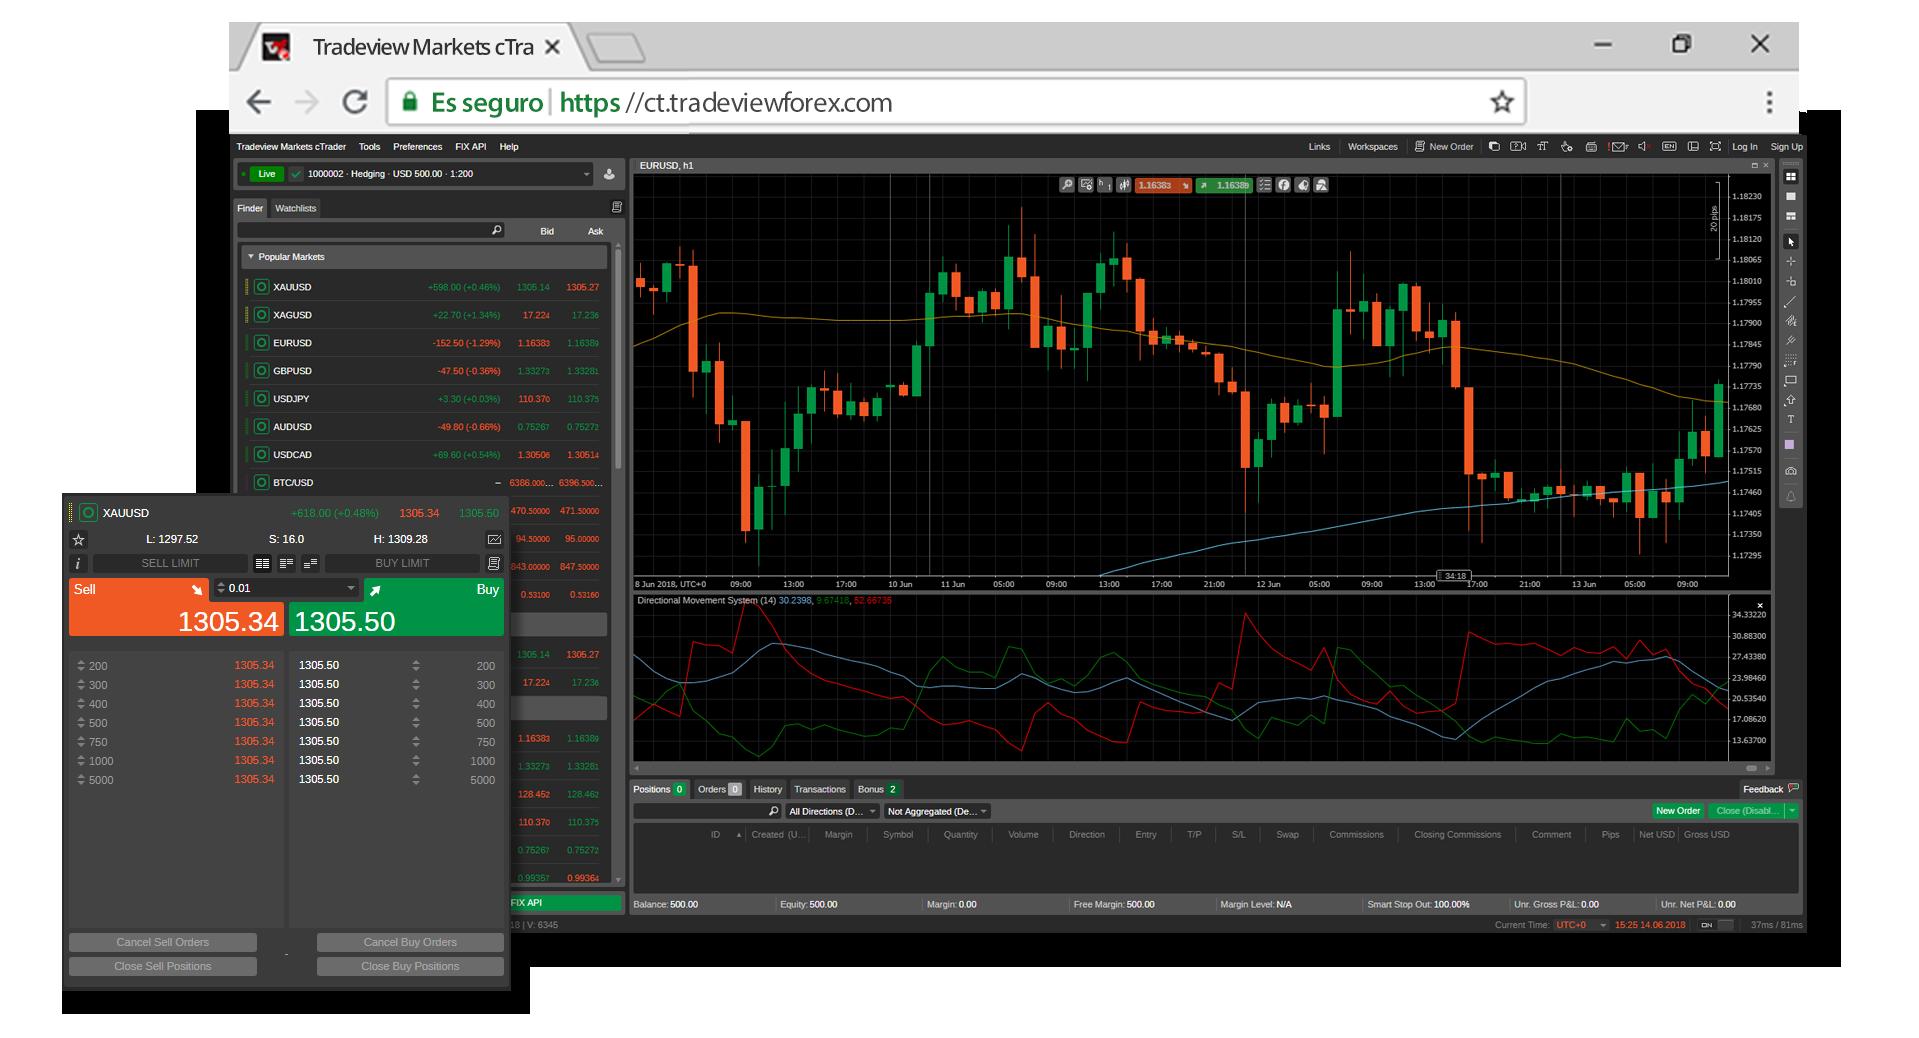 Tradeview cTrader Web